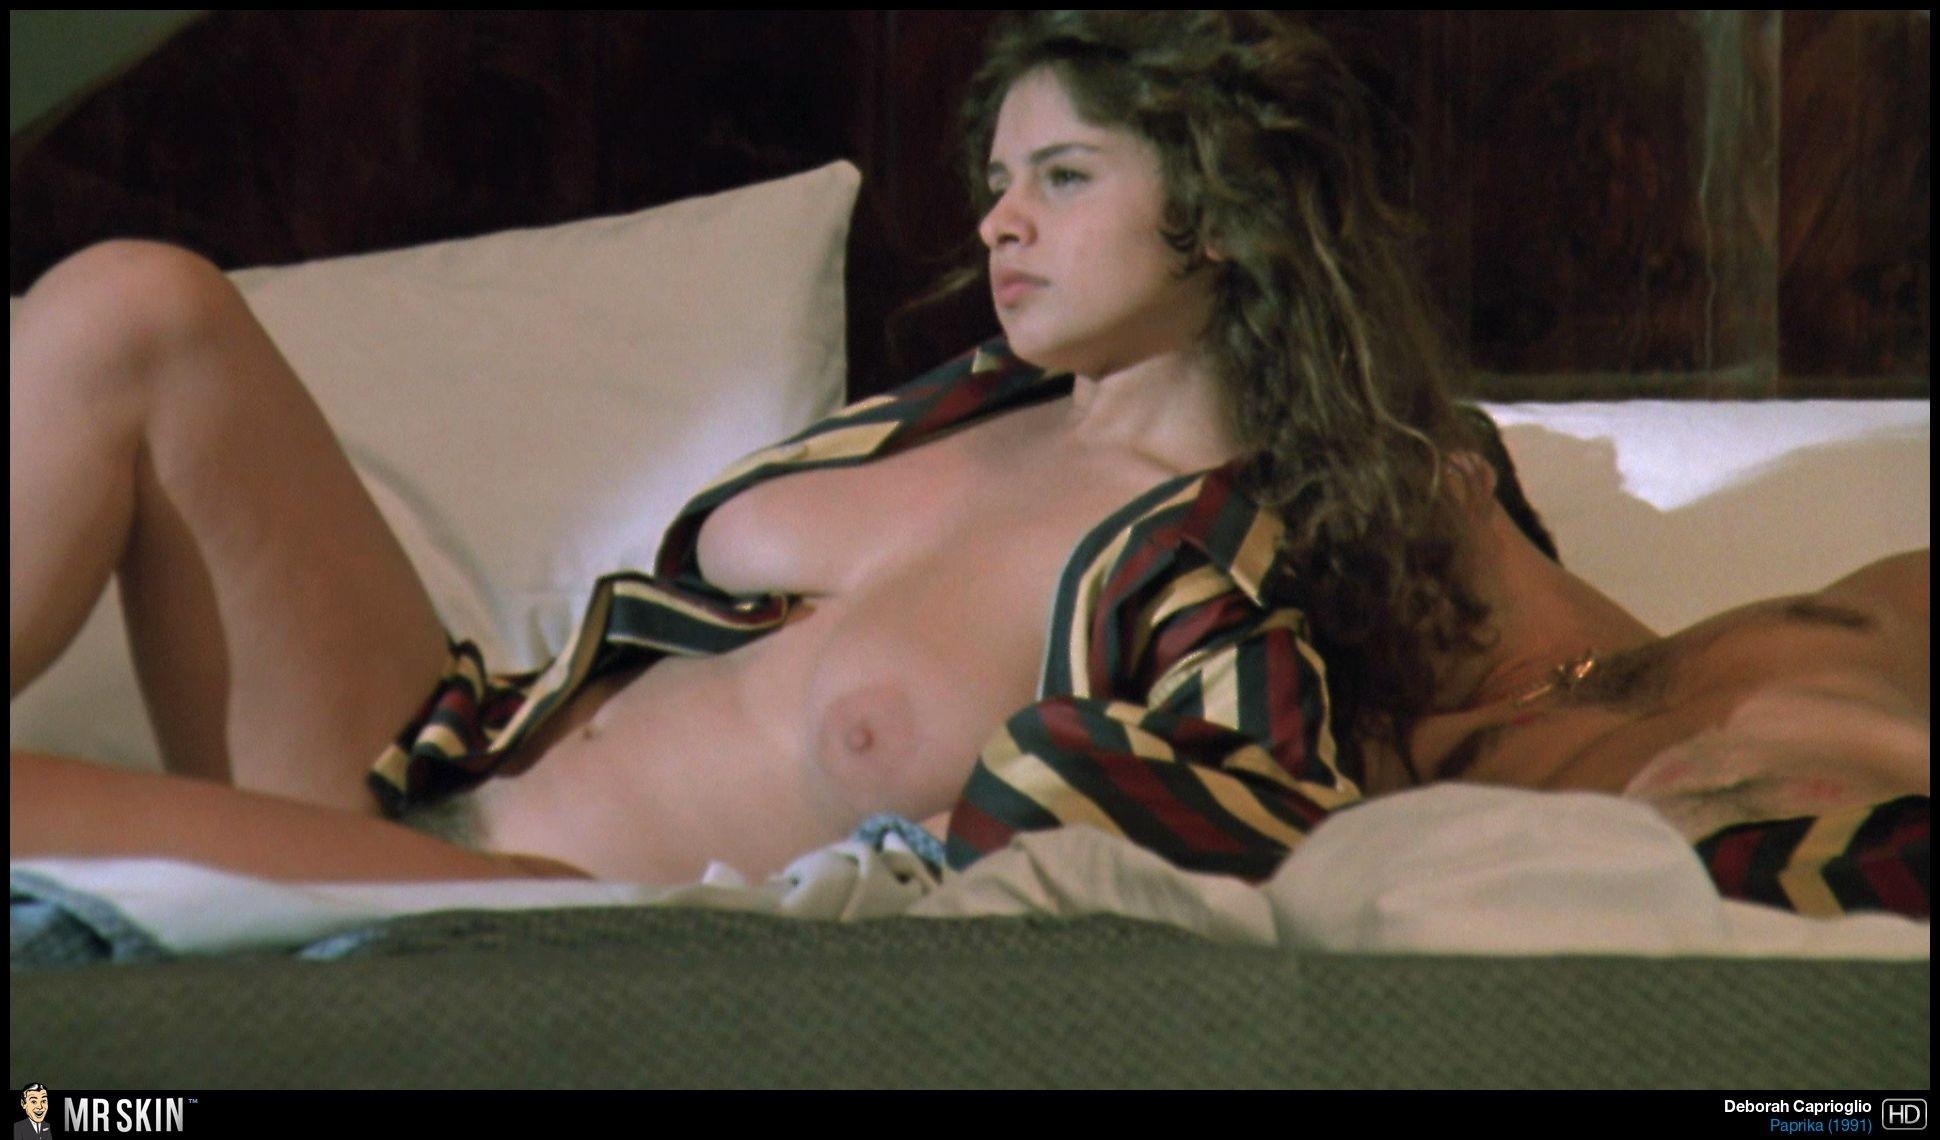 Moana pozzi sex scene valentina ragazza in calore 1981 - 3 part 2